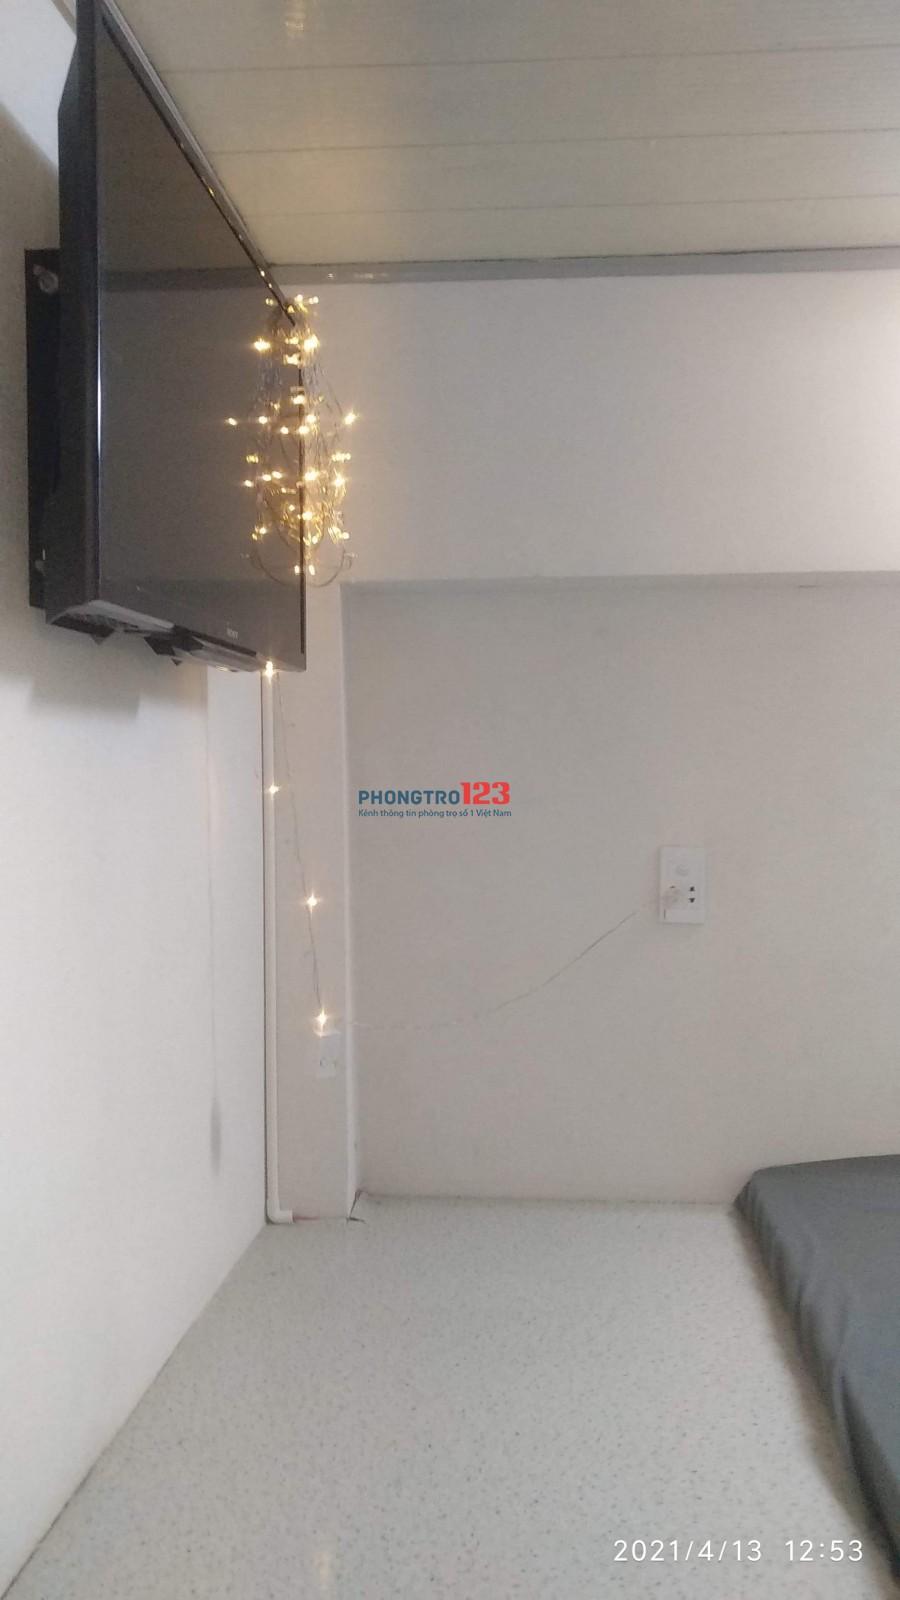 Cho thuê phòng trọ nguyên căn Đường số 14, Phường Hiệp Bình Chánh, Quận Thủ Đức, Hồ Chí Minh